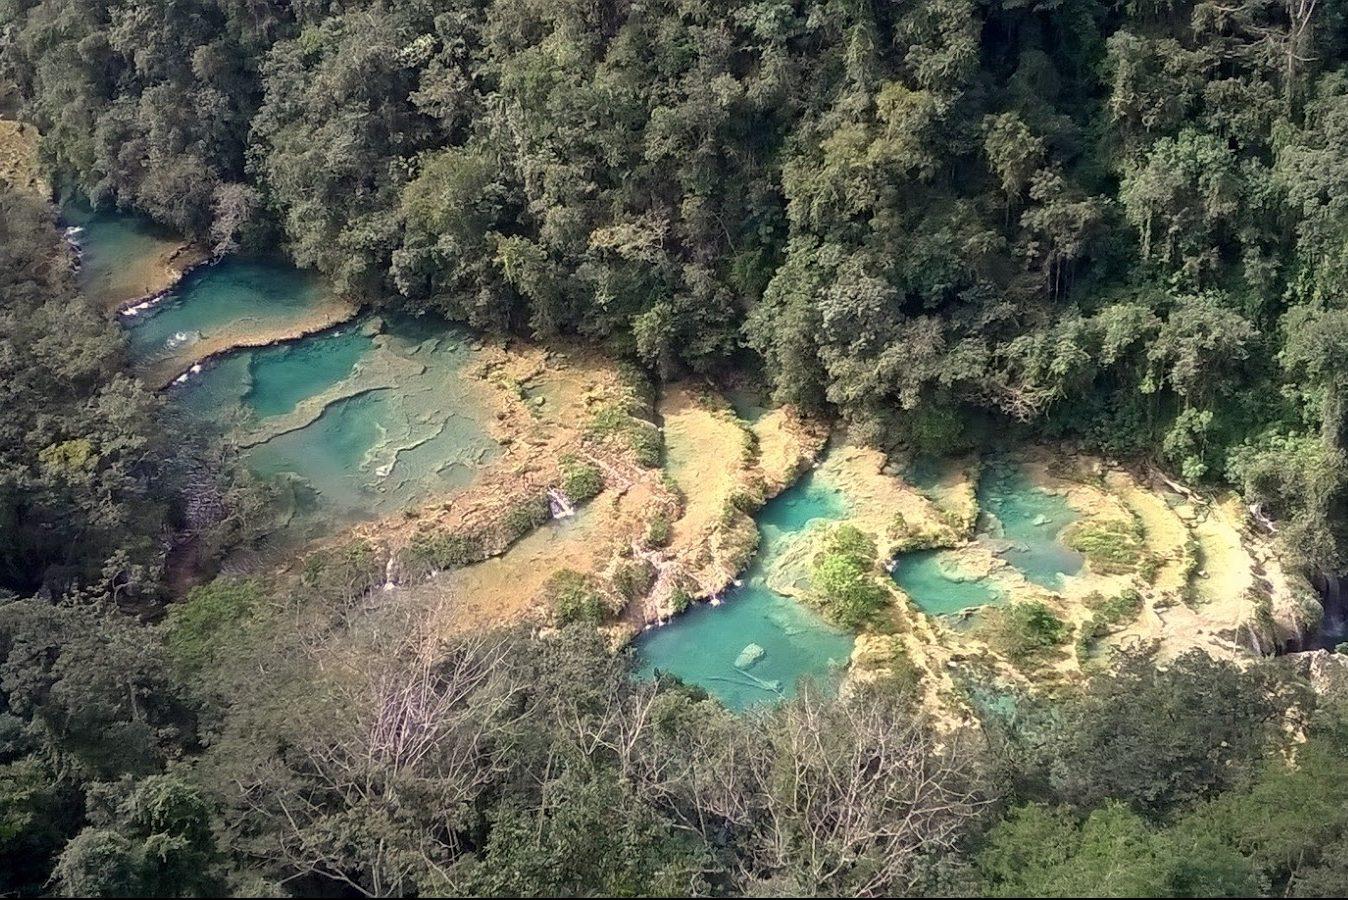 piscine naturali semuc champey guatemala